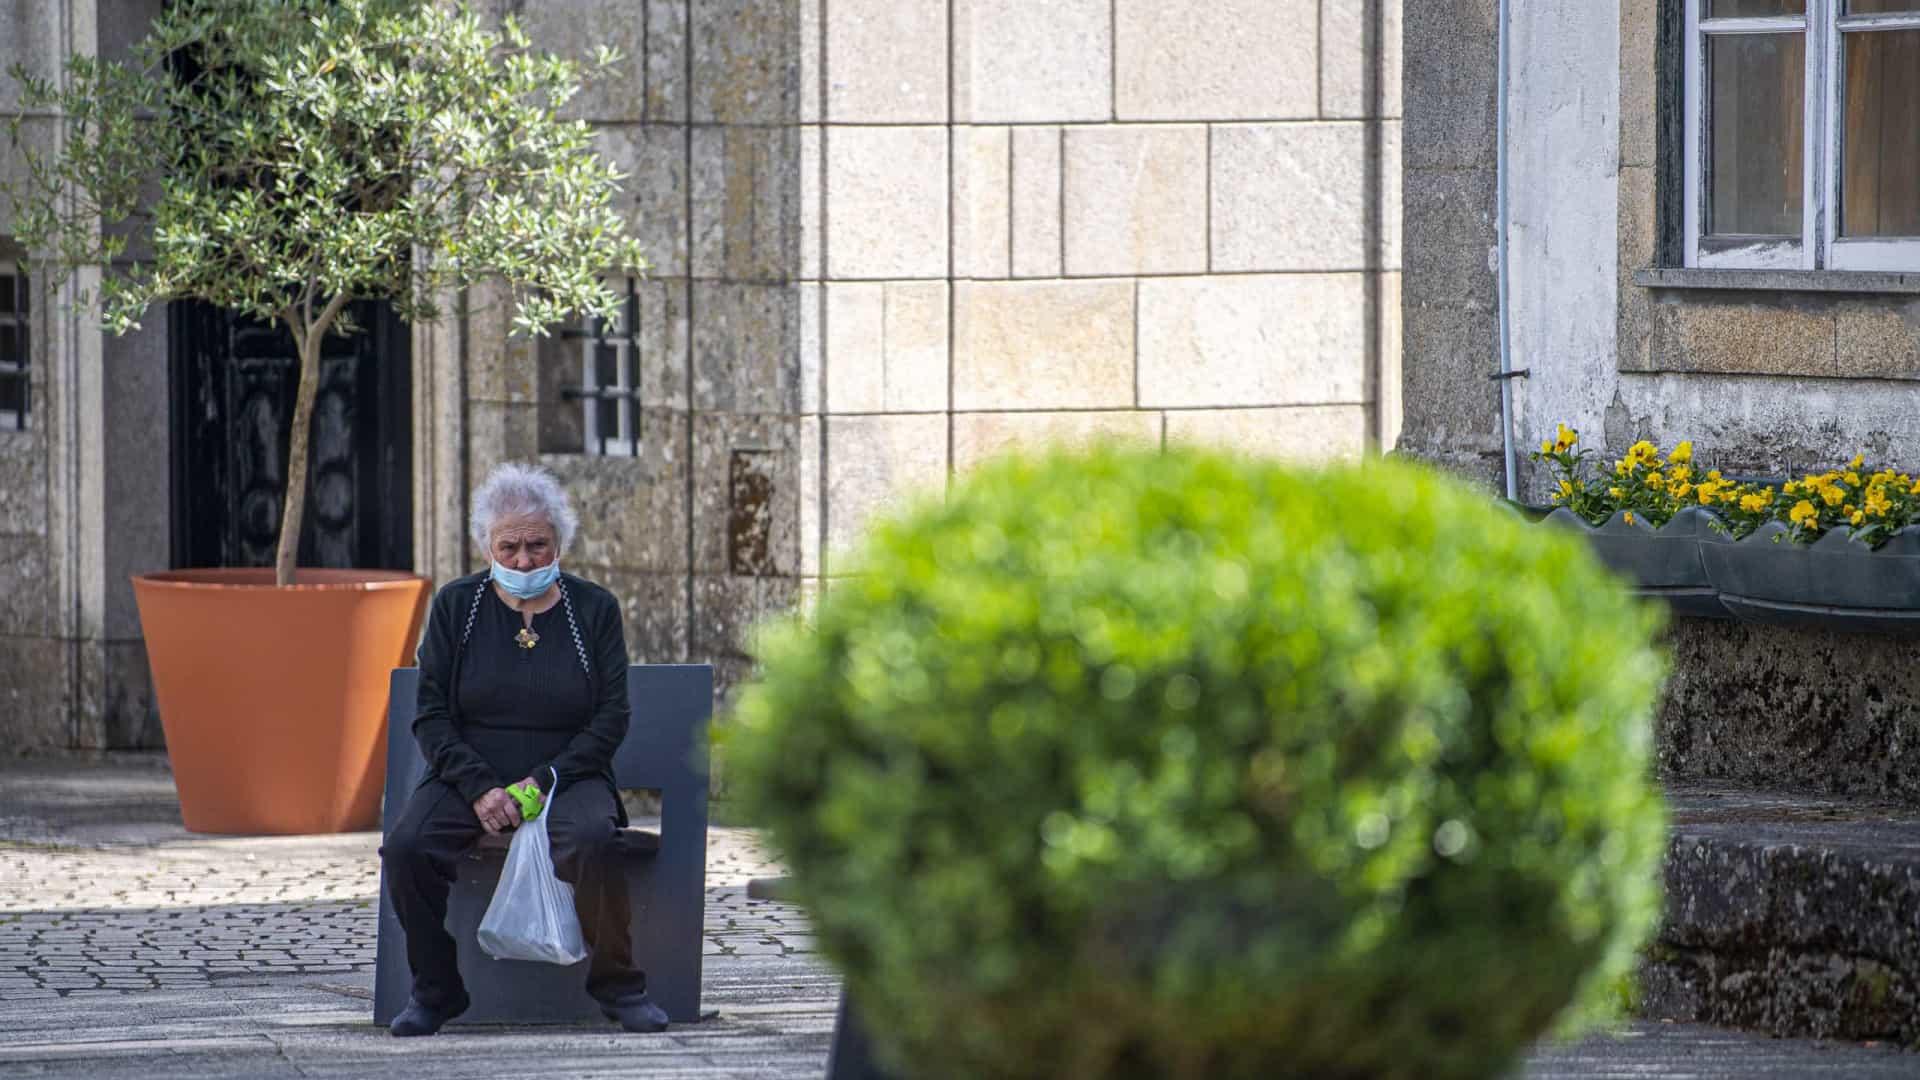 Portugal bate recorde de 8 de Maio com 451 novos infectados de covid-19. Norte duplica casos